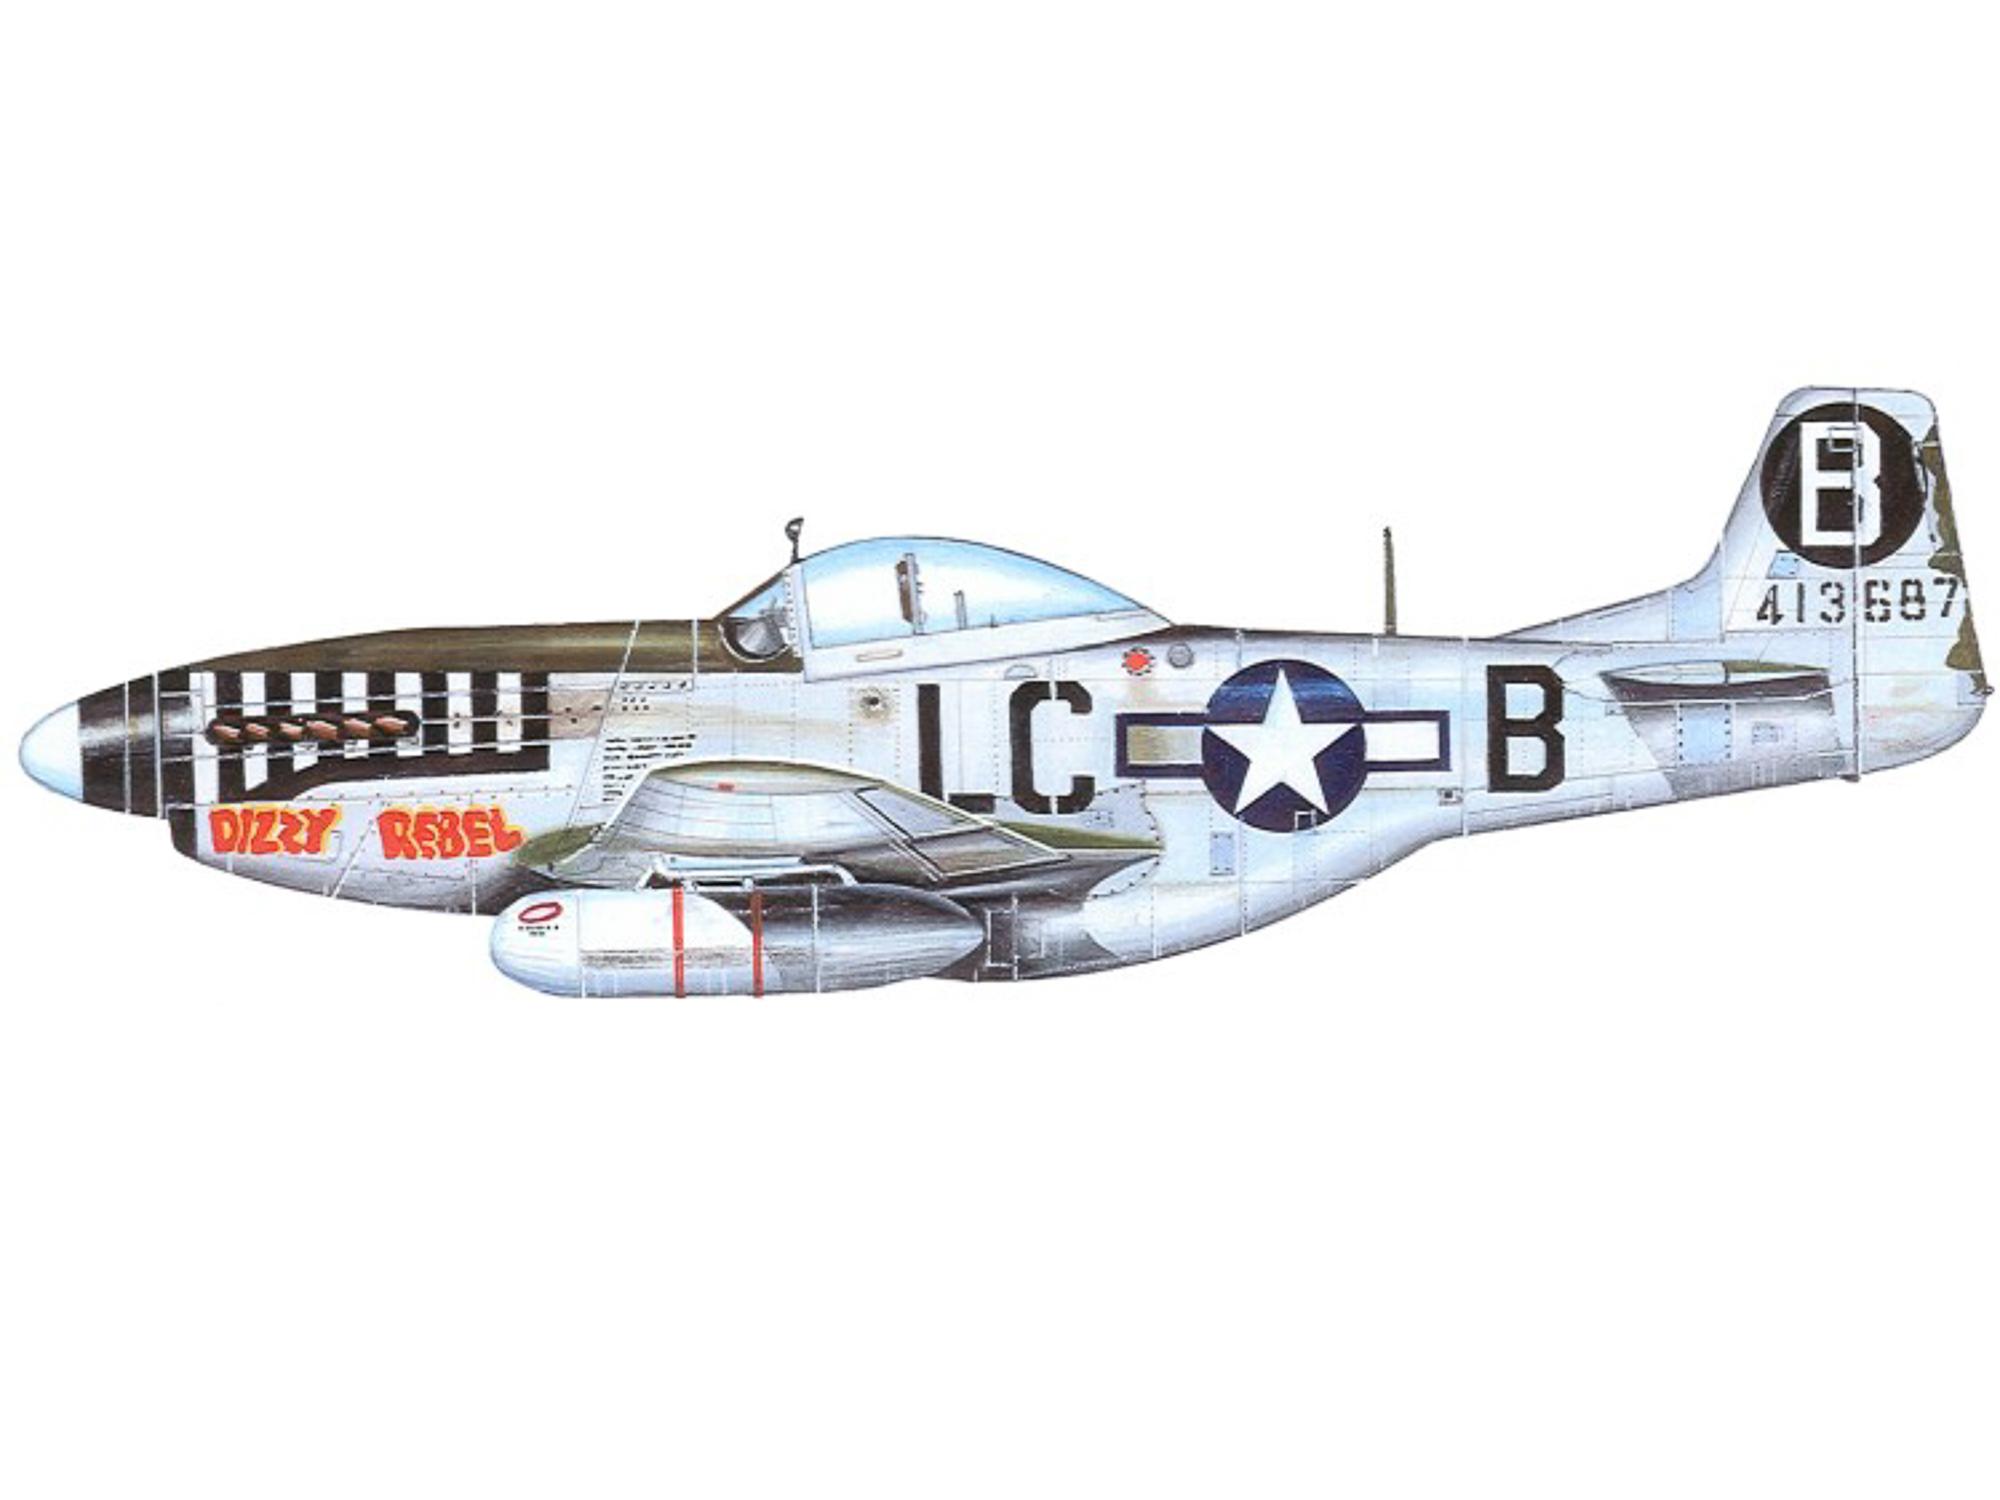 P-51D – Dizzy Rebel – 44-13687